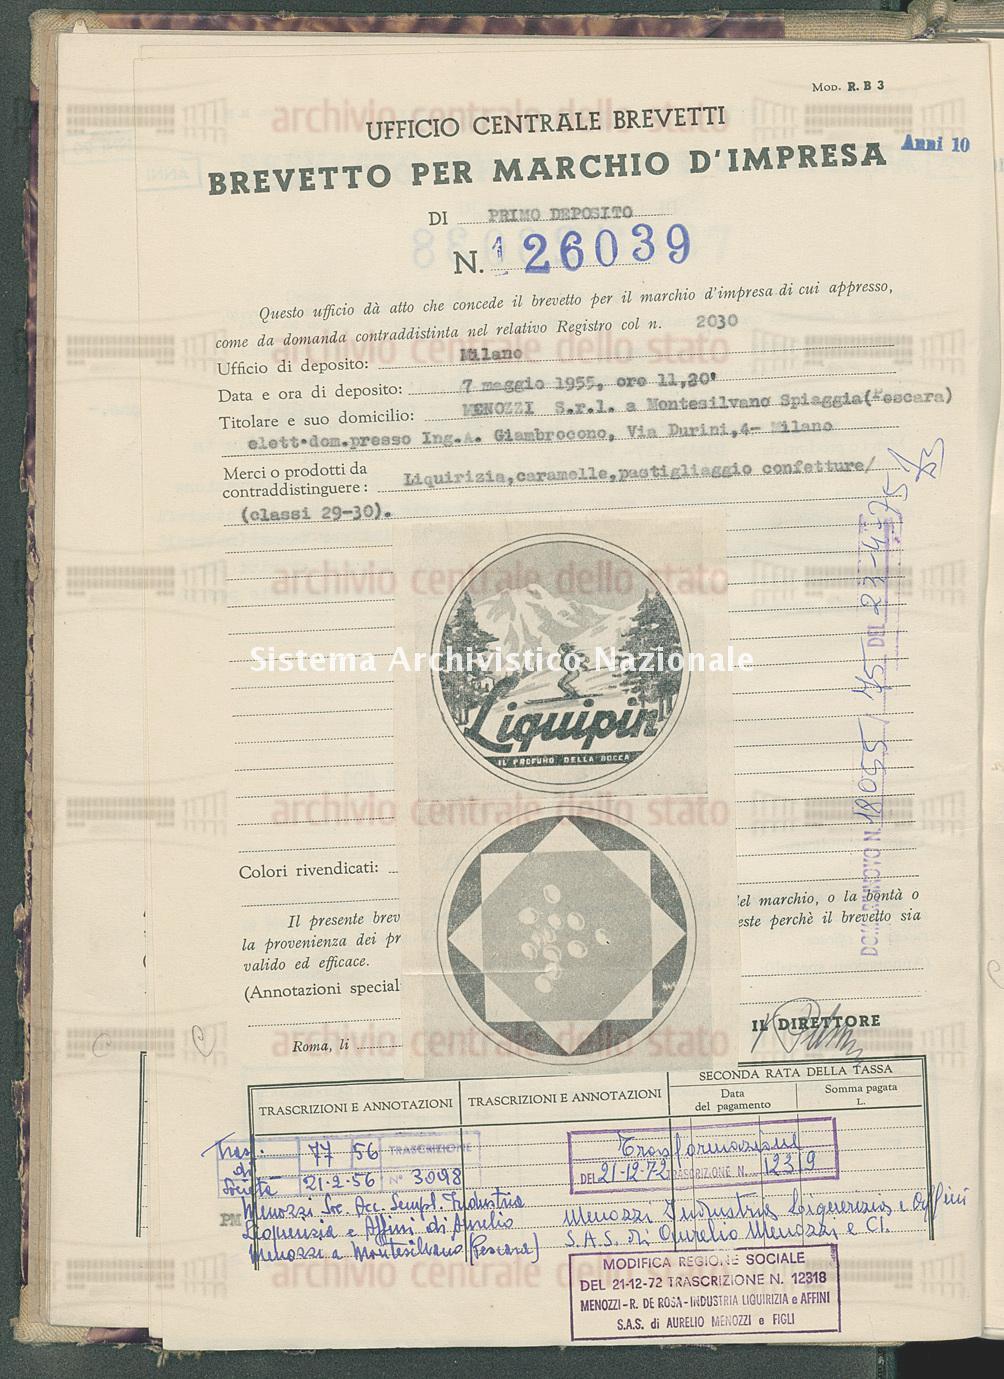 Liquirizia, caramelle, pastigliaggio ecc. Menozzi S.R.L. (20/12/1955)